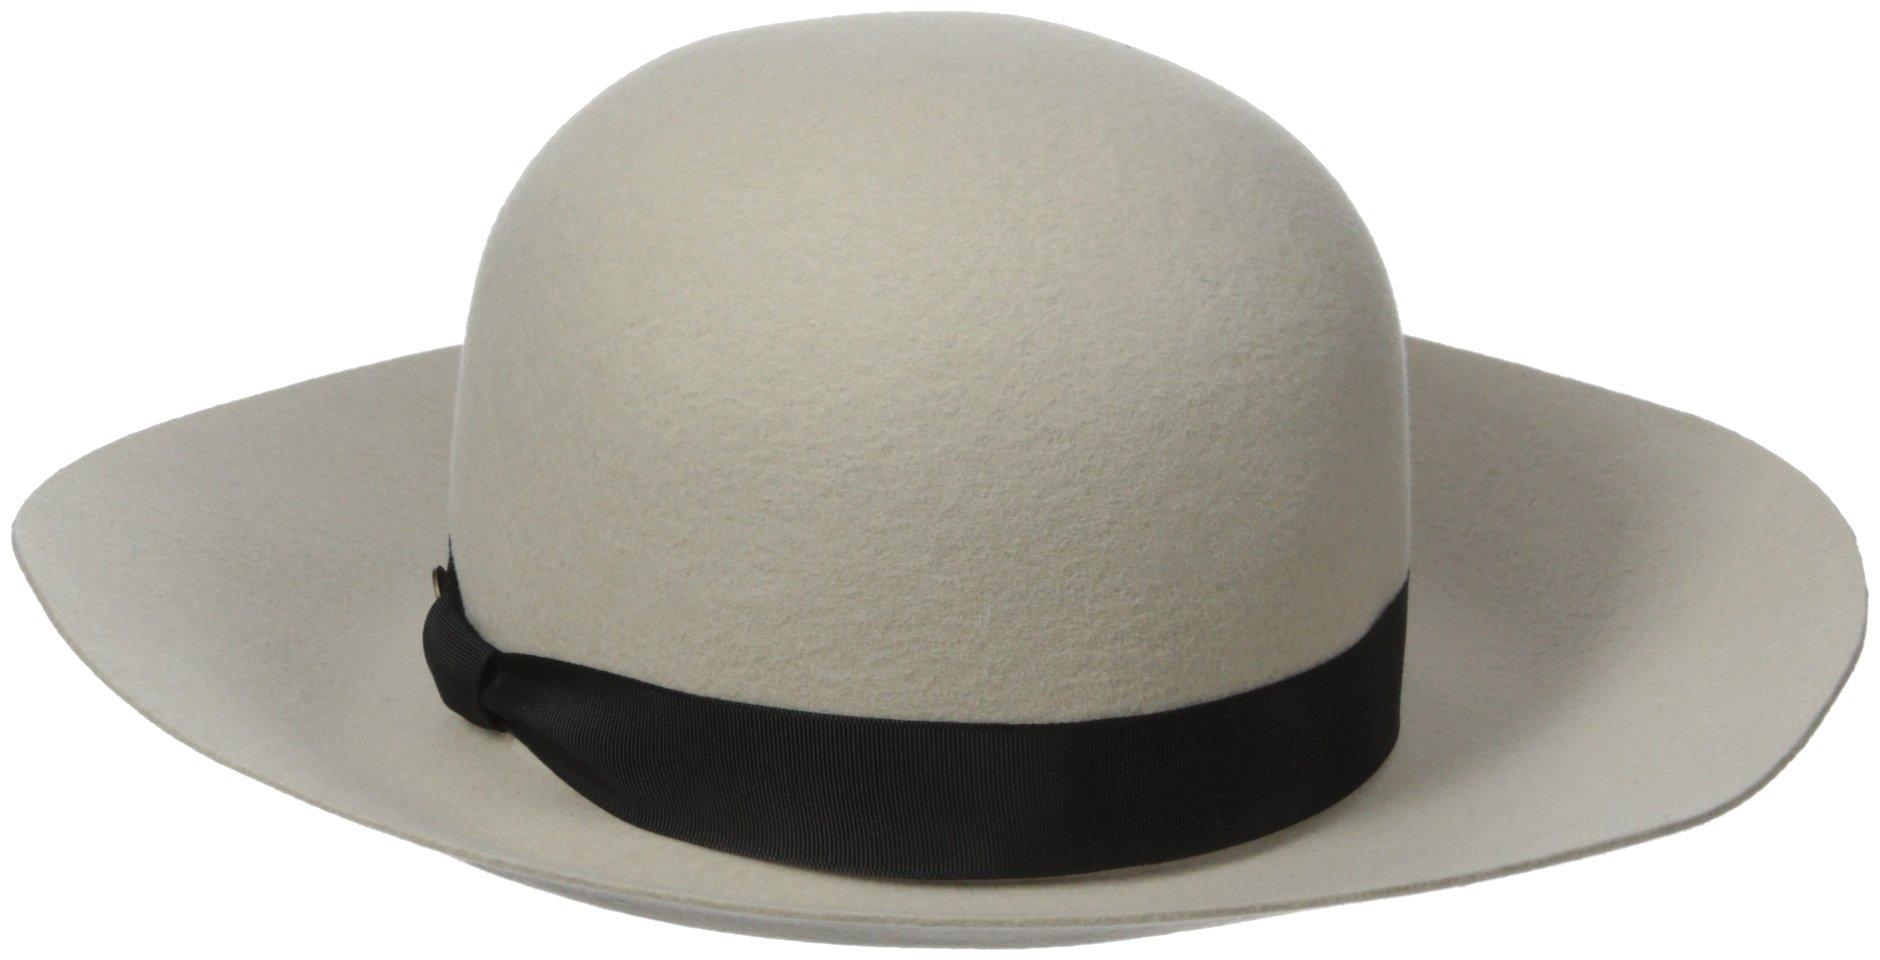 Karen Kane Women's Litefelt Floppy Hat, Sand, Small/Medium by Karen Kane